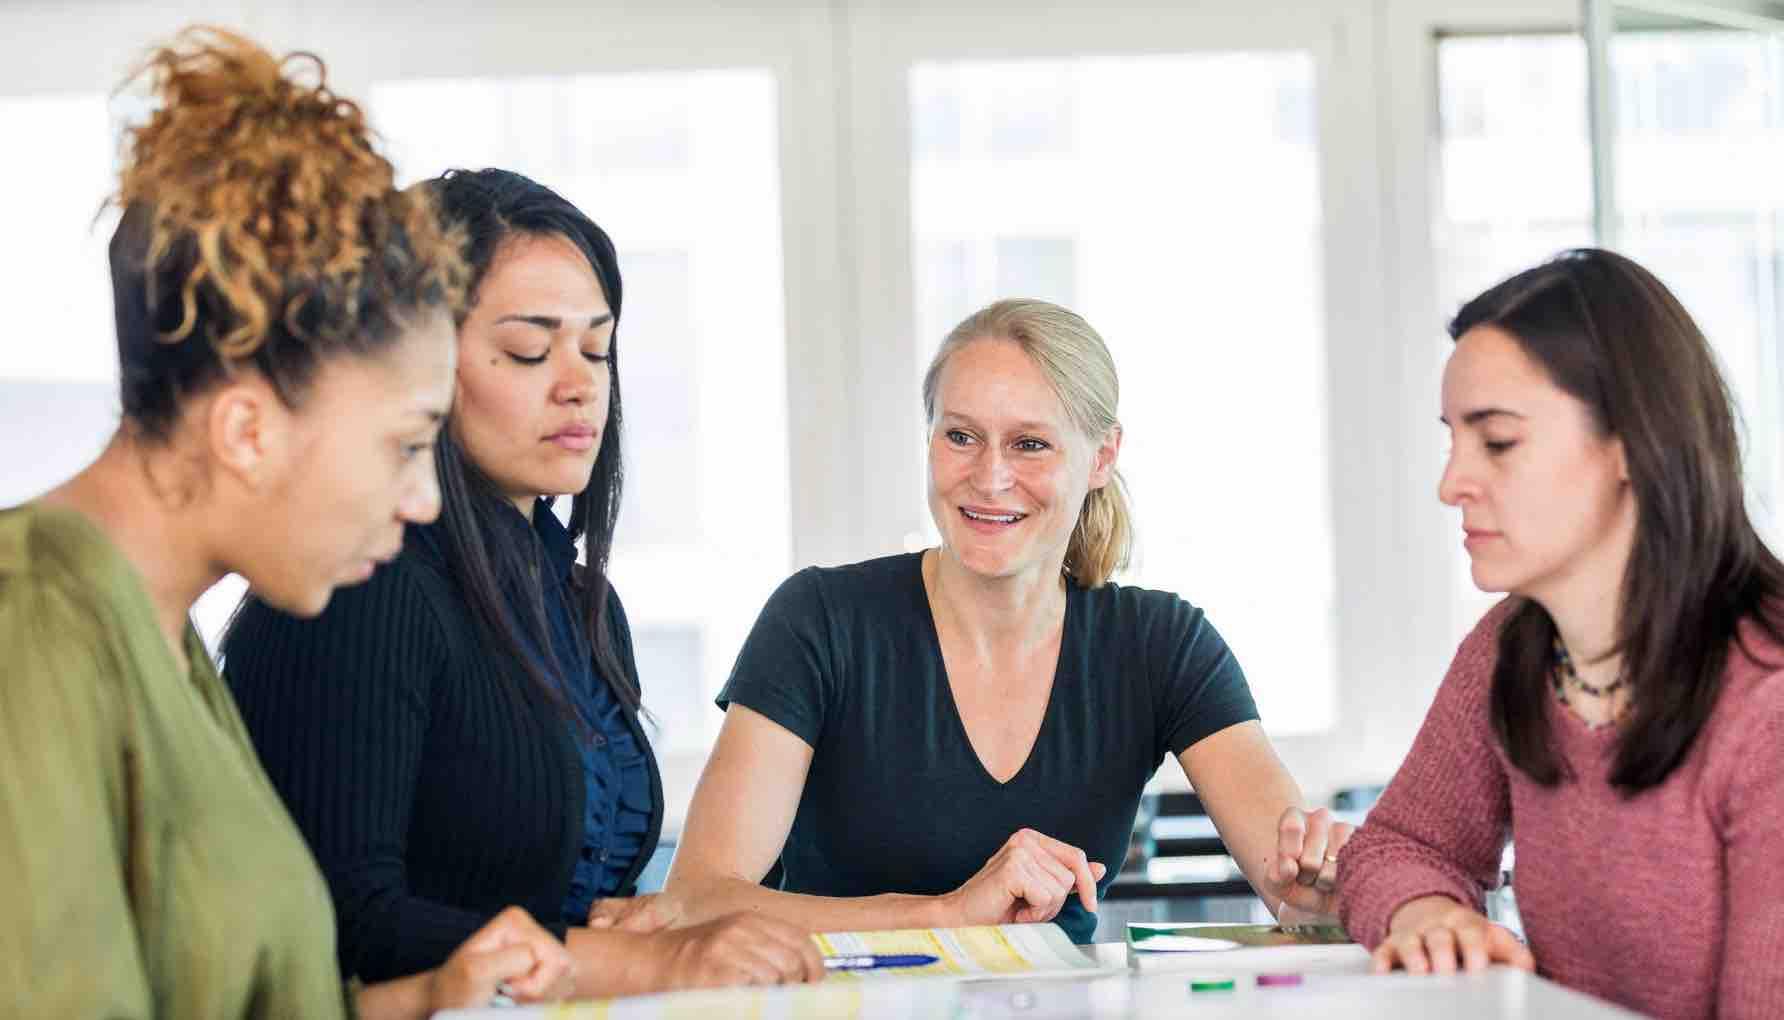 Vier Frauen sitzen an einem Tisch im Unterricht für Deutsch als Fremd- und Zweitsprache